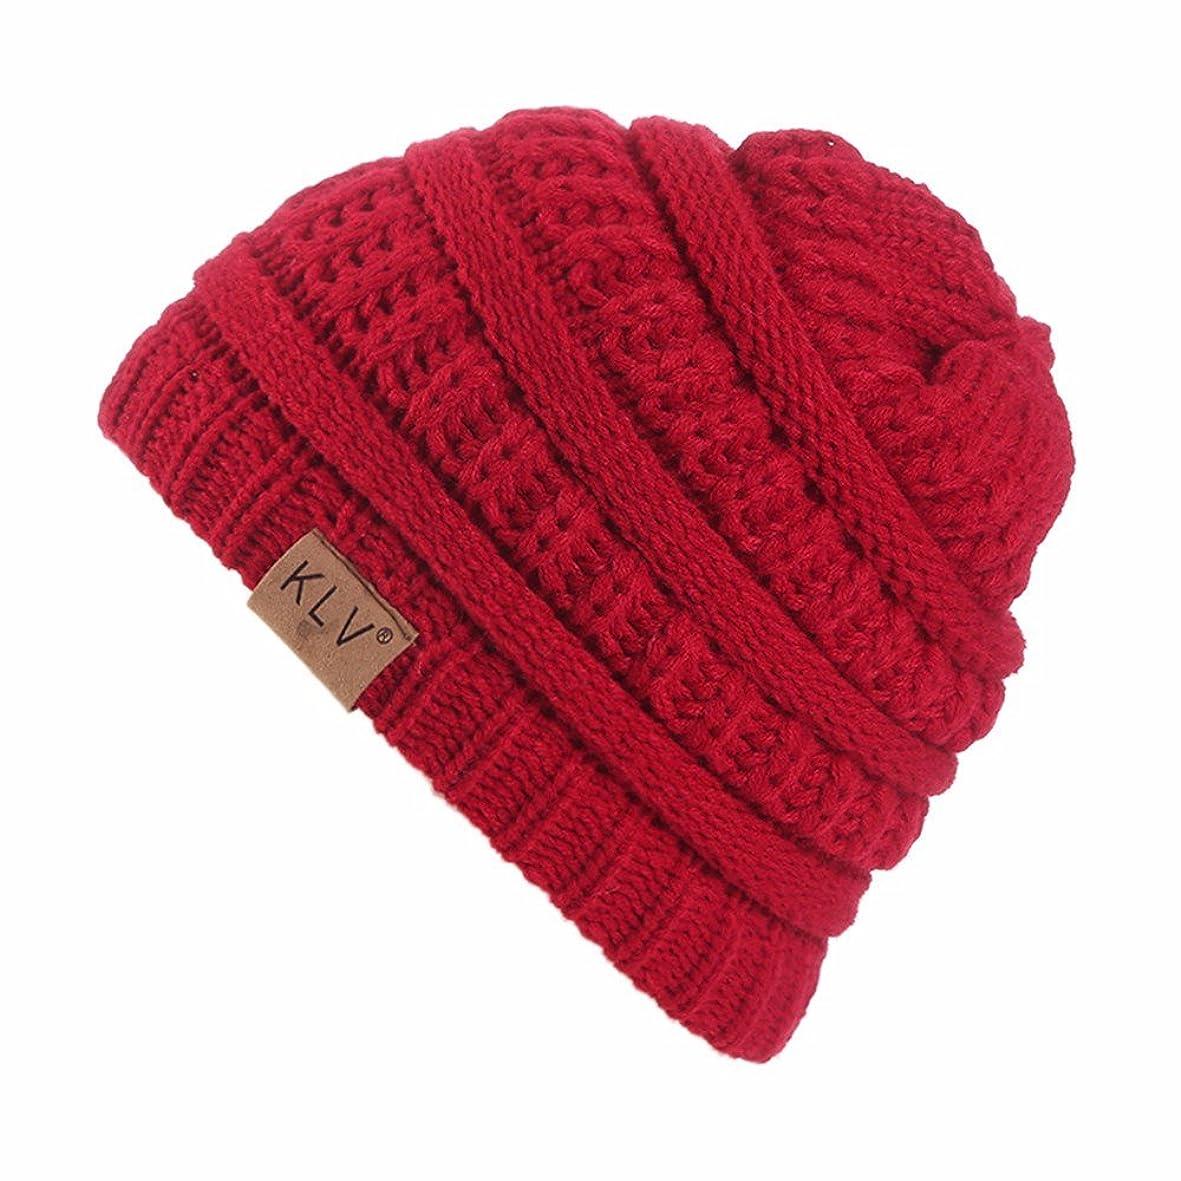 リーフレット微視的びんRacazing クリスマス Hat 選べる6 色 編み物 ニット帽 子供用 通気性のある 男女兼用 防風防寒对策 ニット帽 暖かい 軽量 屋外 クリスマス Unisex Cap (ワイン)